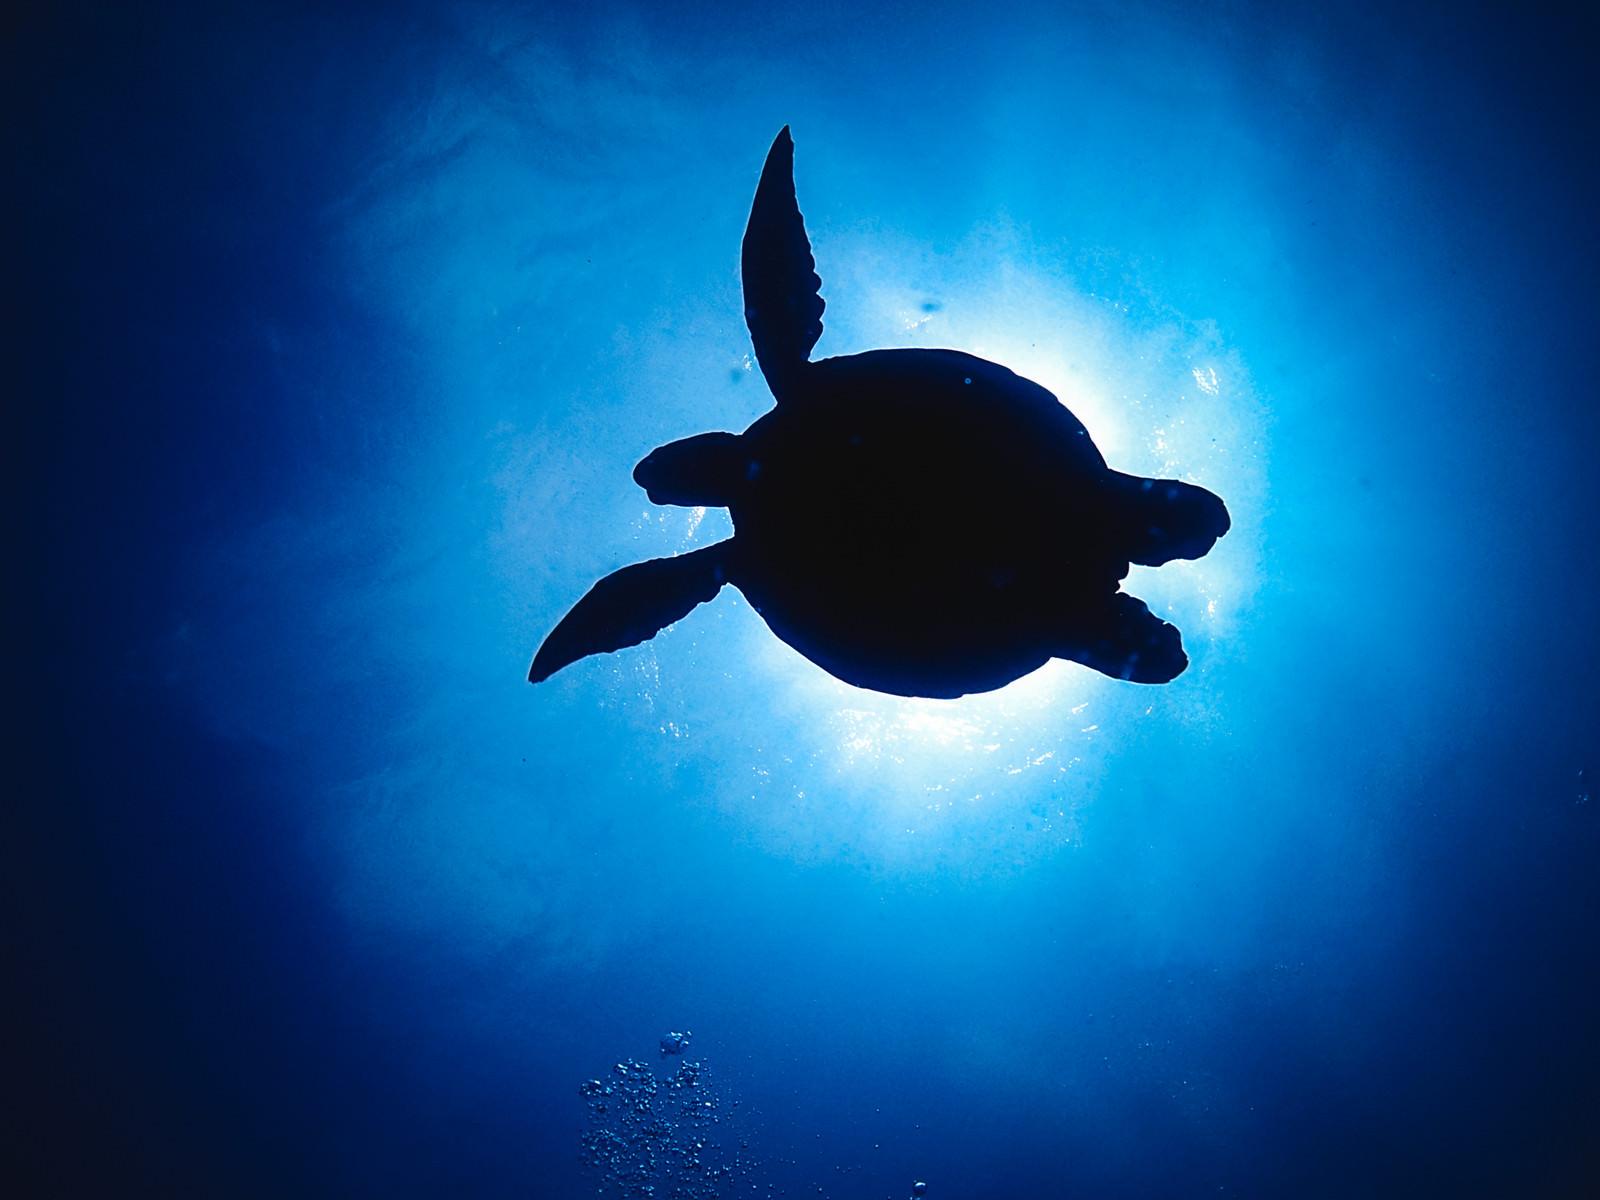 「海中からのウミガメのシルエット」の写真